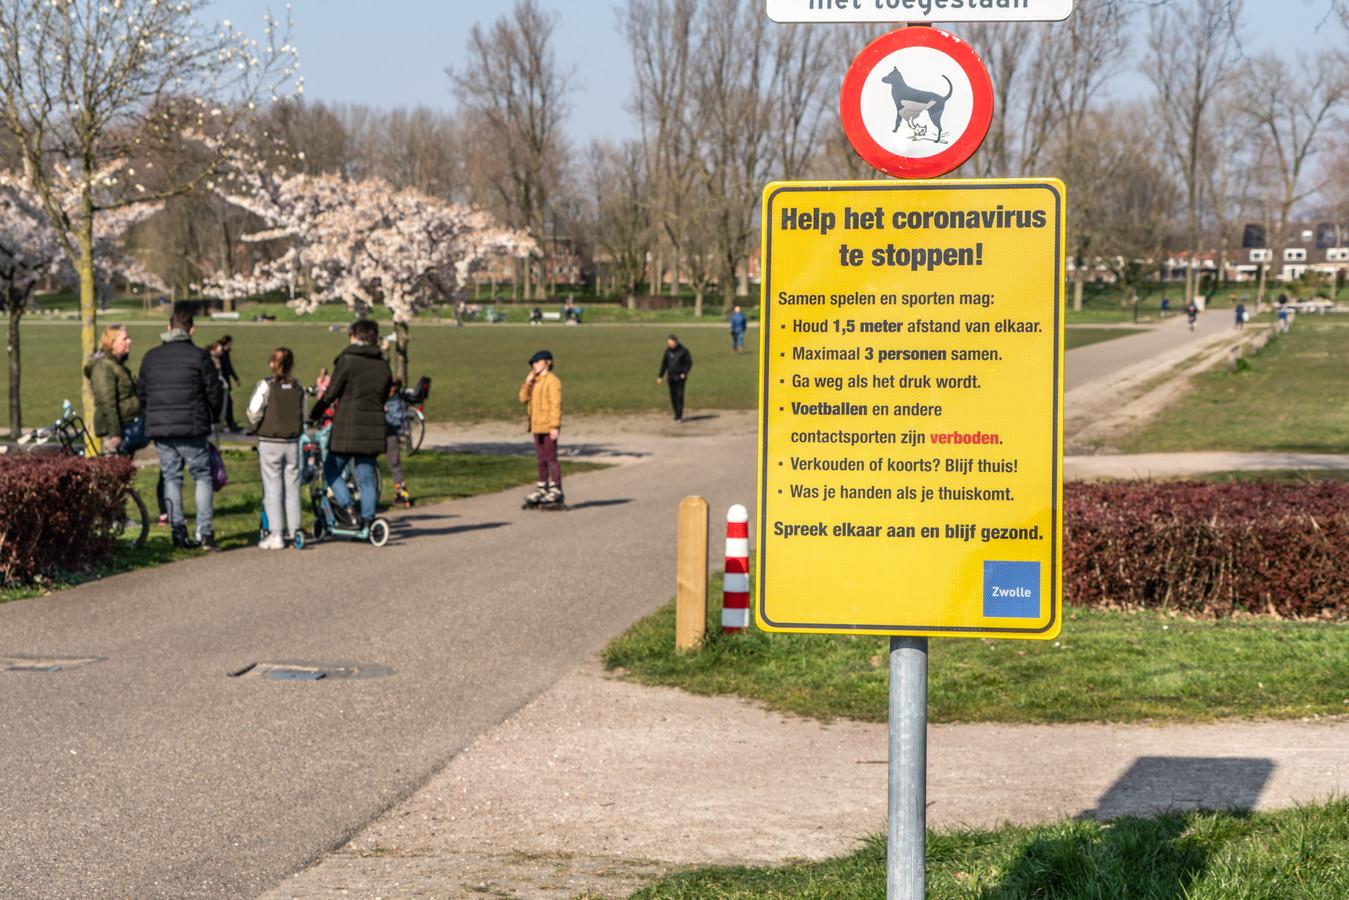 Bezoekers van Park de Wezenlanden in Zwolle worden gewezen op de maatregelen die zijn getroffen om de verspreiding van het coronavirus tegen te gaan.